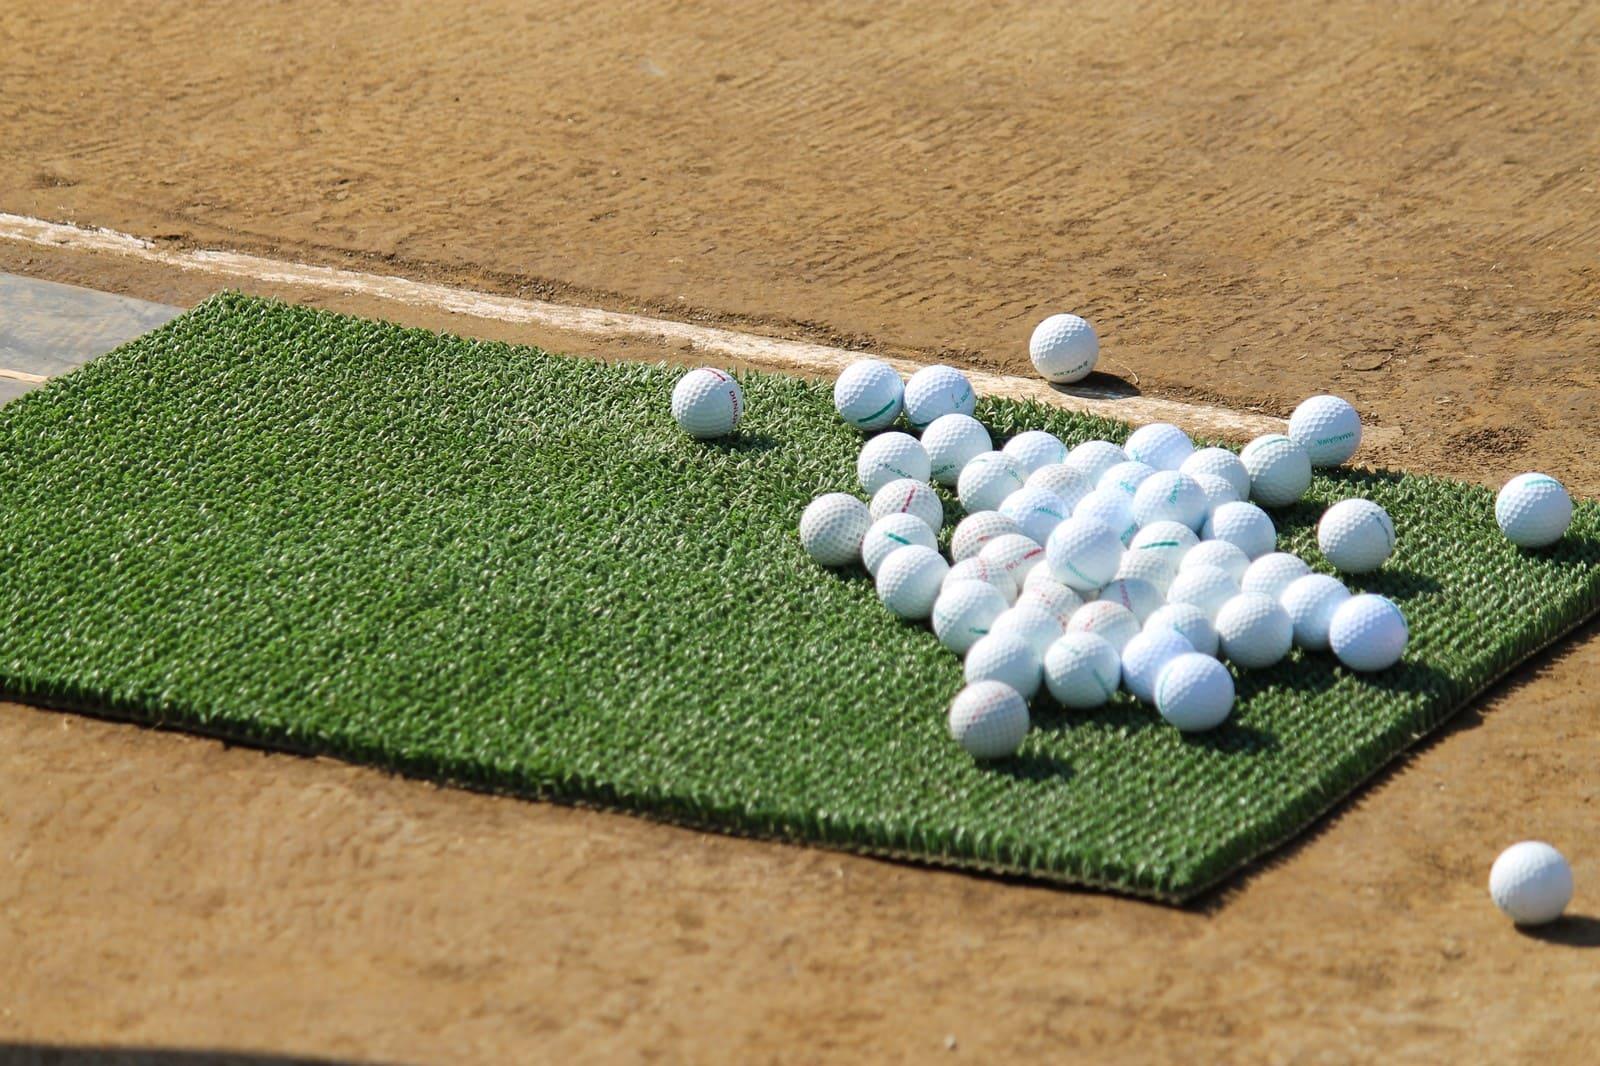 練習マットとボールの画像です。